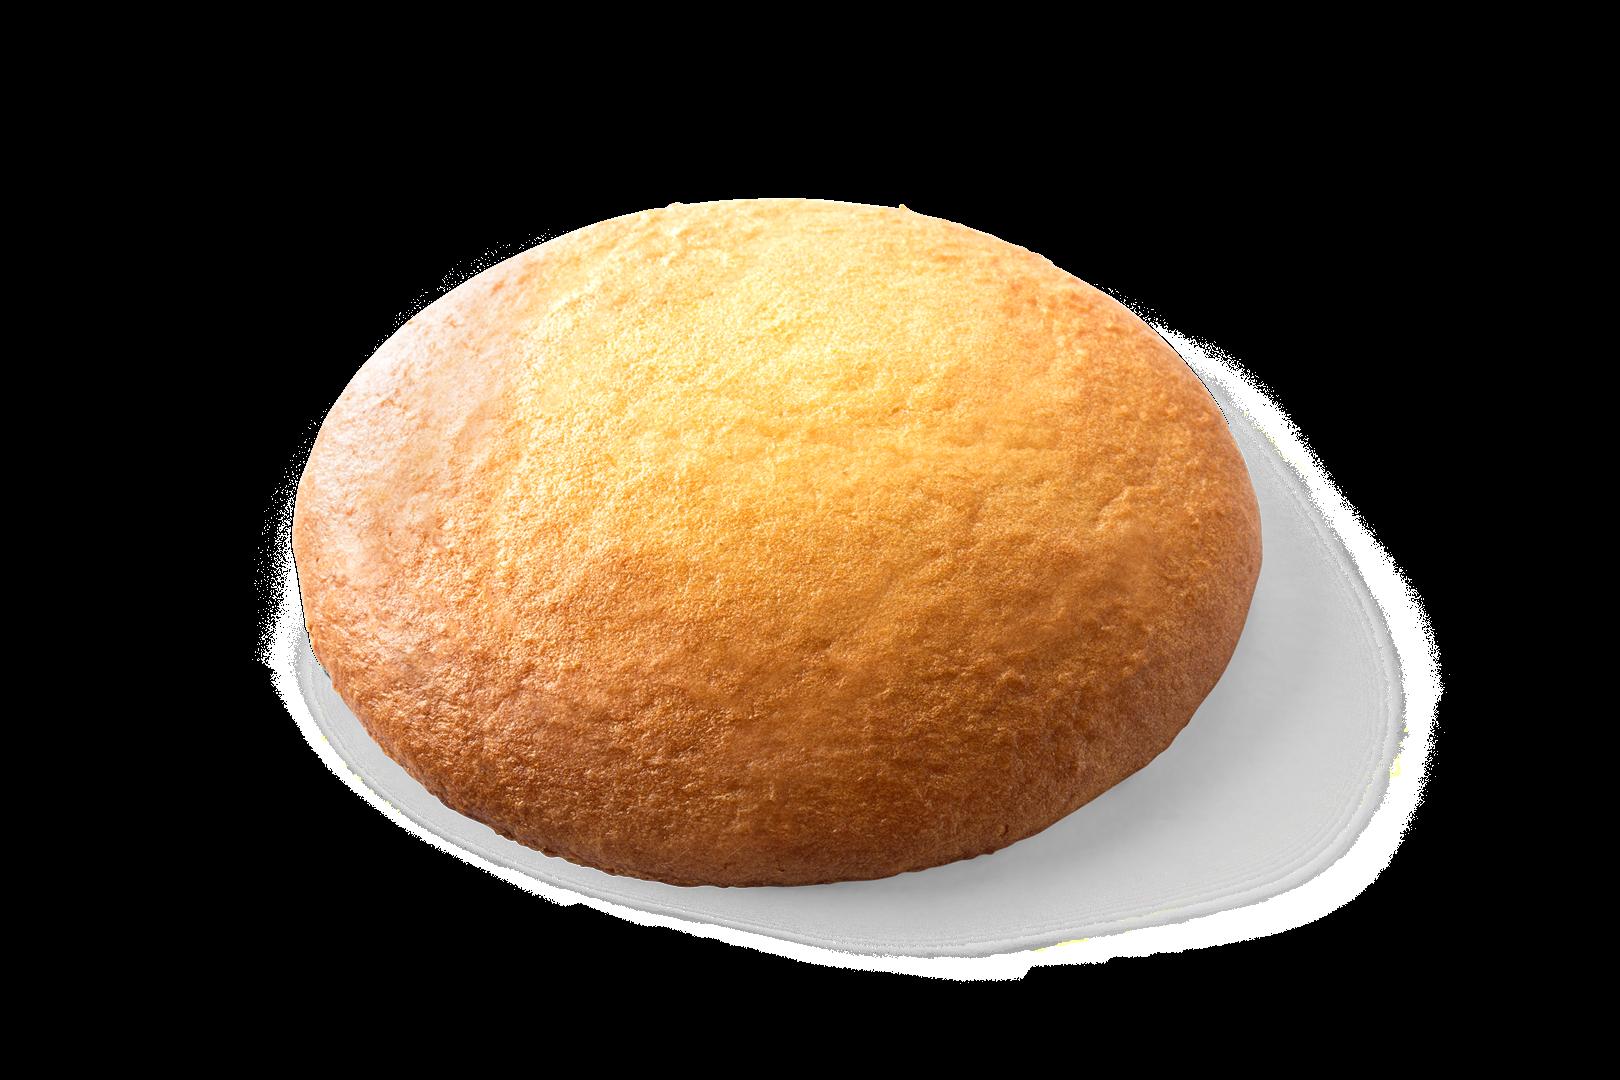 Productafbeelding Broodzaak Eierkoeken ZA